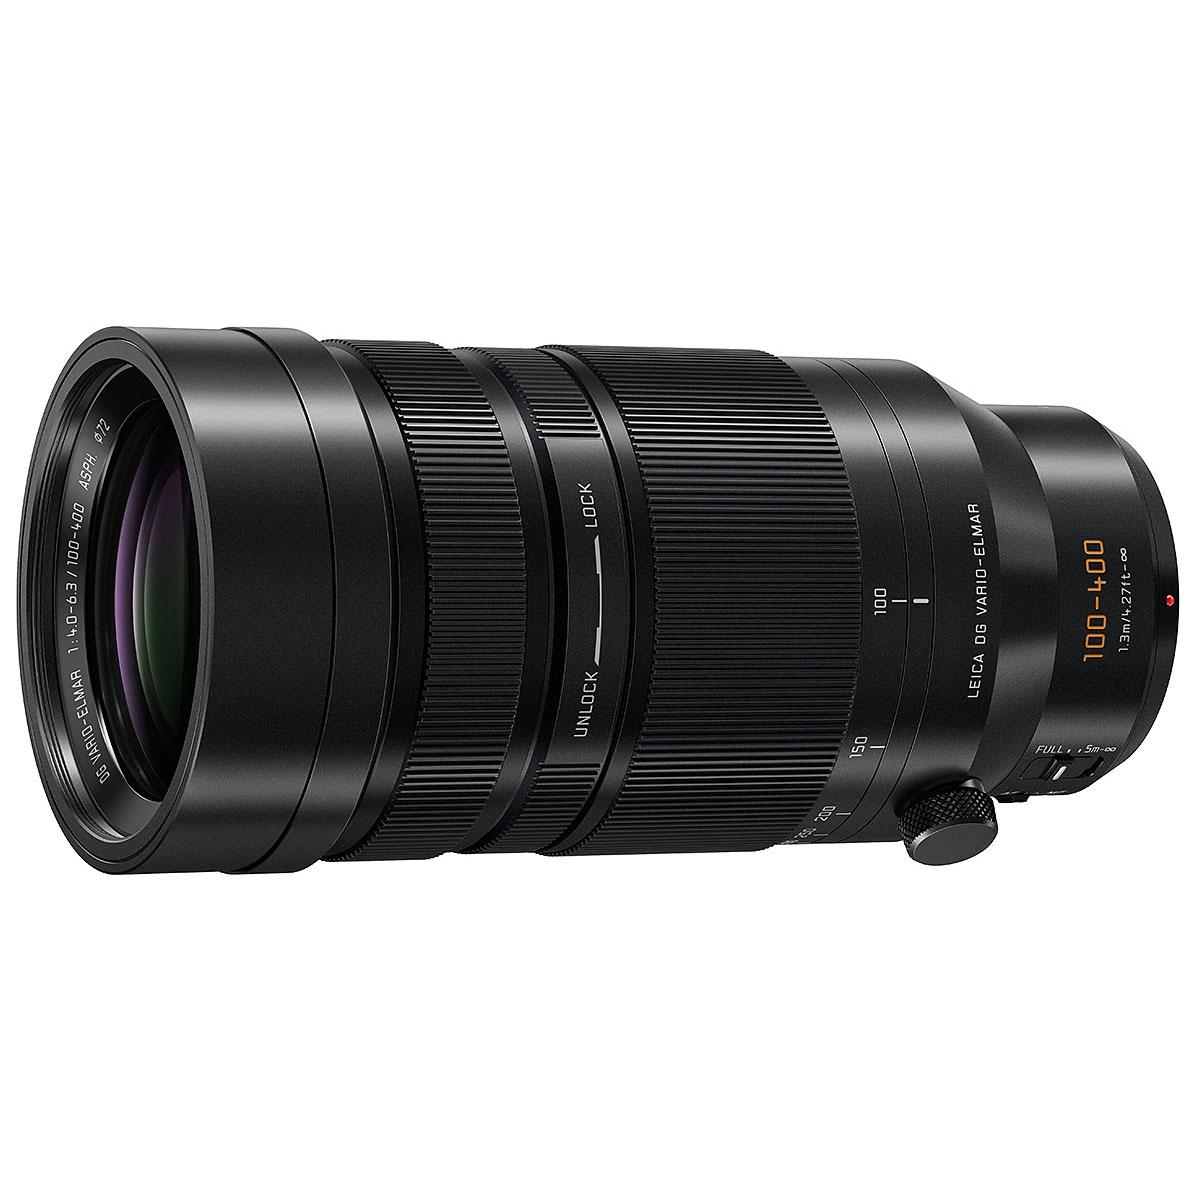 Panasonic Leica DG Vario-Elmar 100-400 mm F4.0-6.3 Power O.I.S.